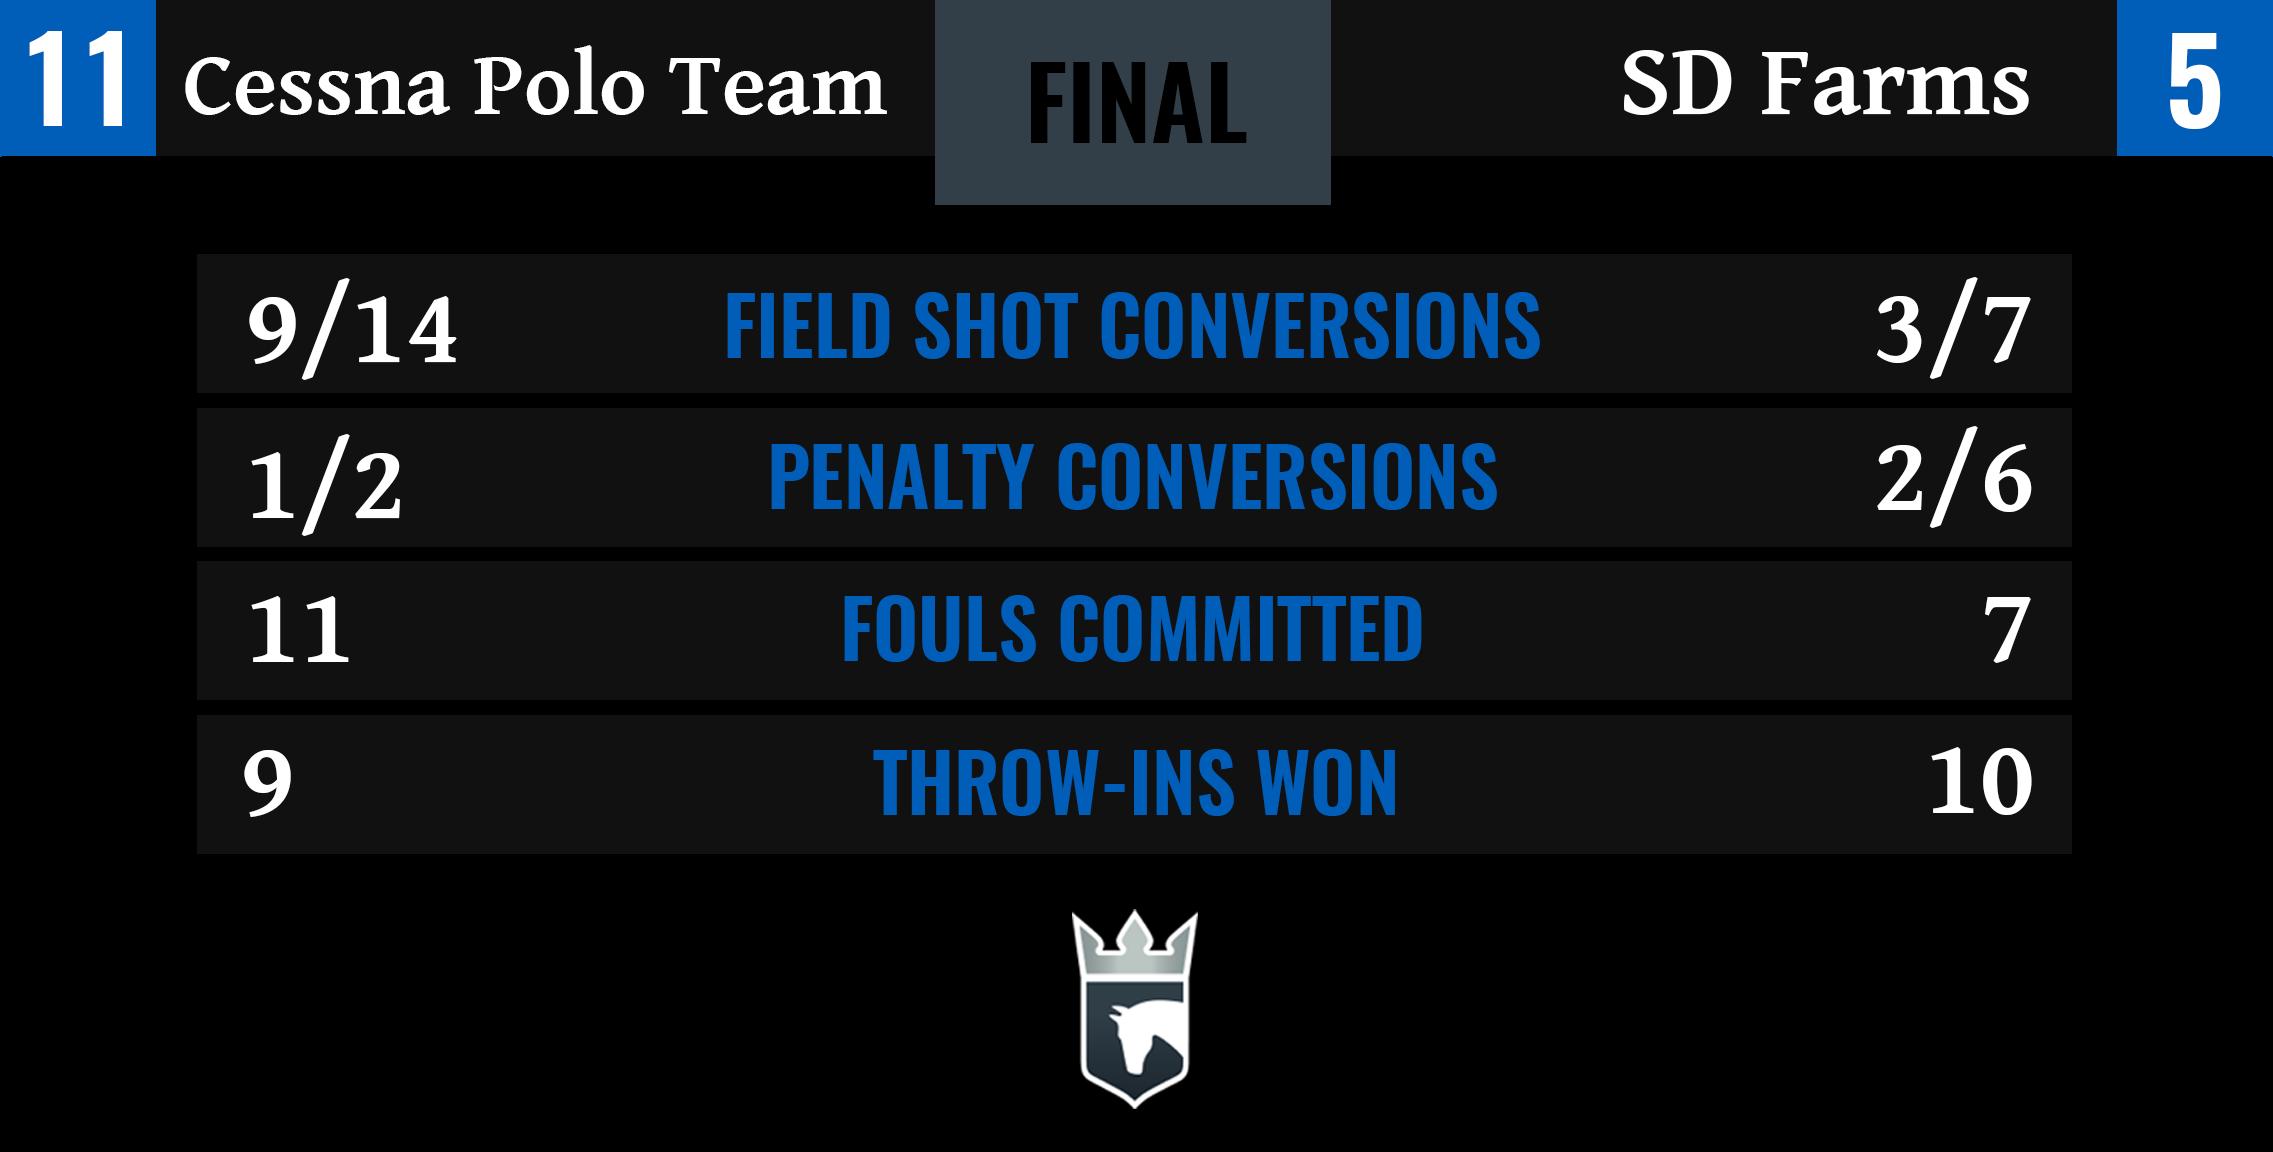 Cessna Polo Team vs SD Farms Final Stats